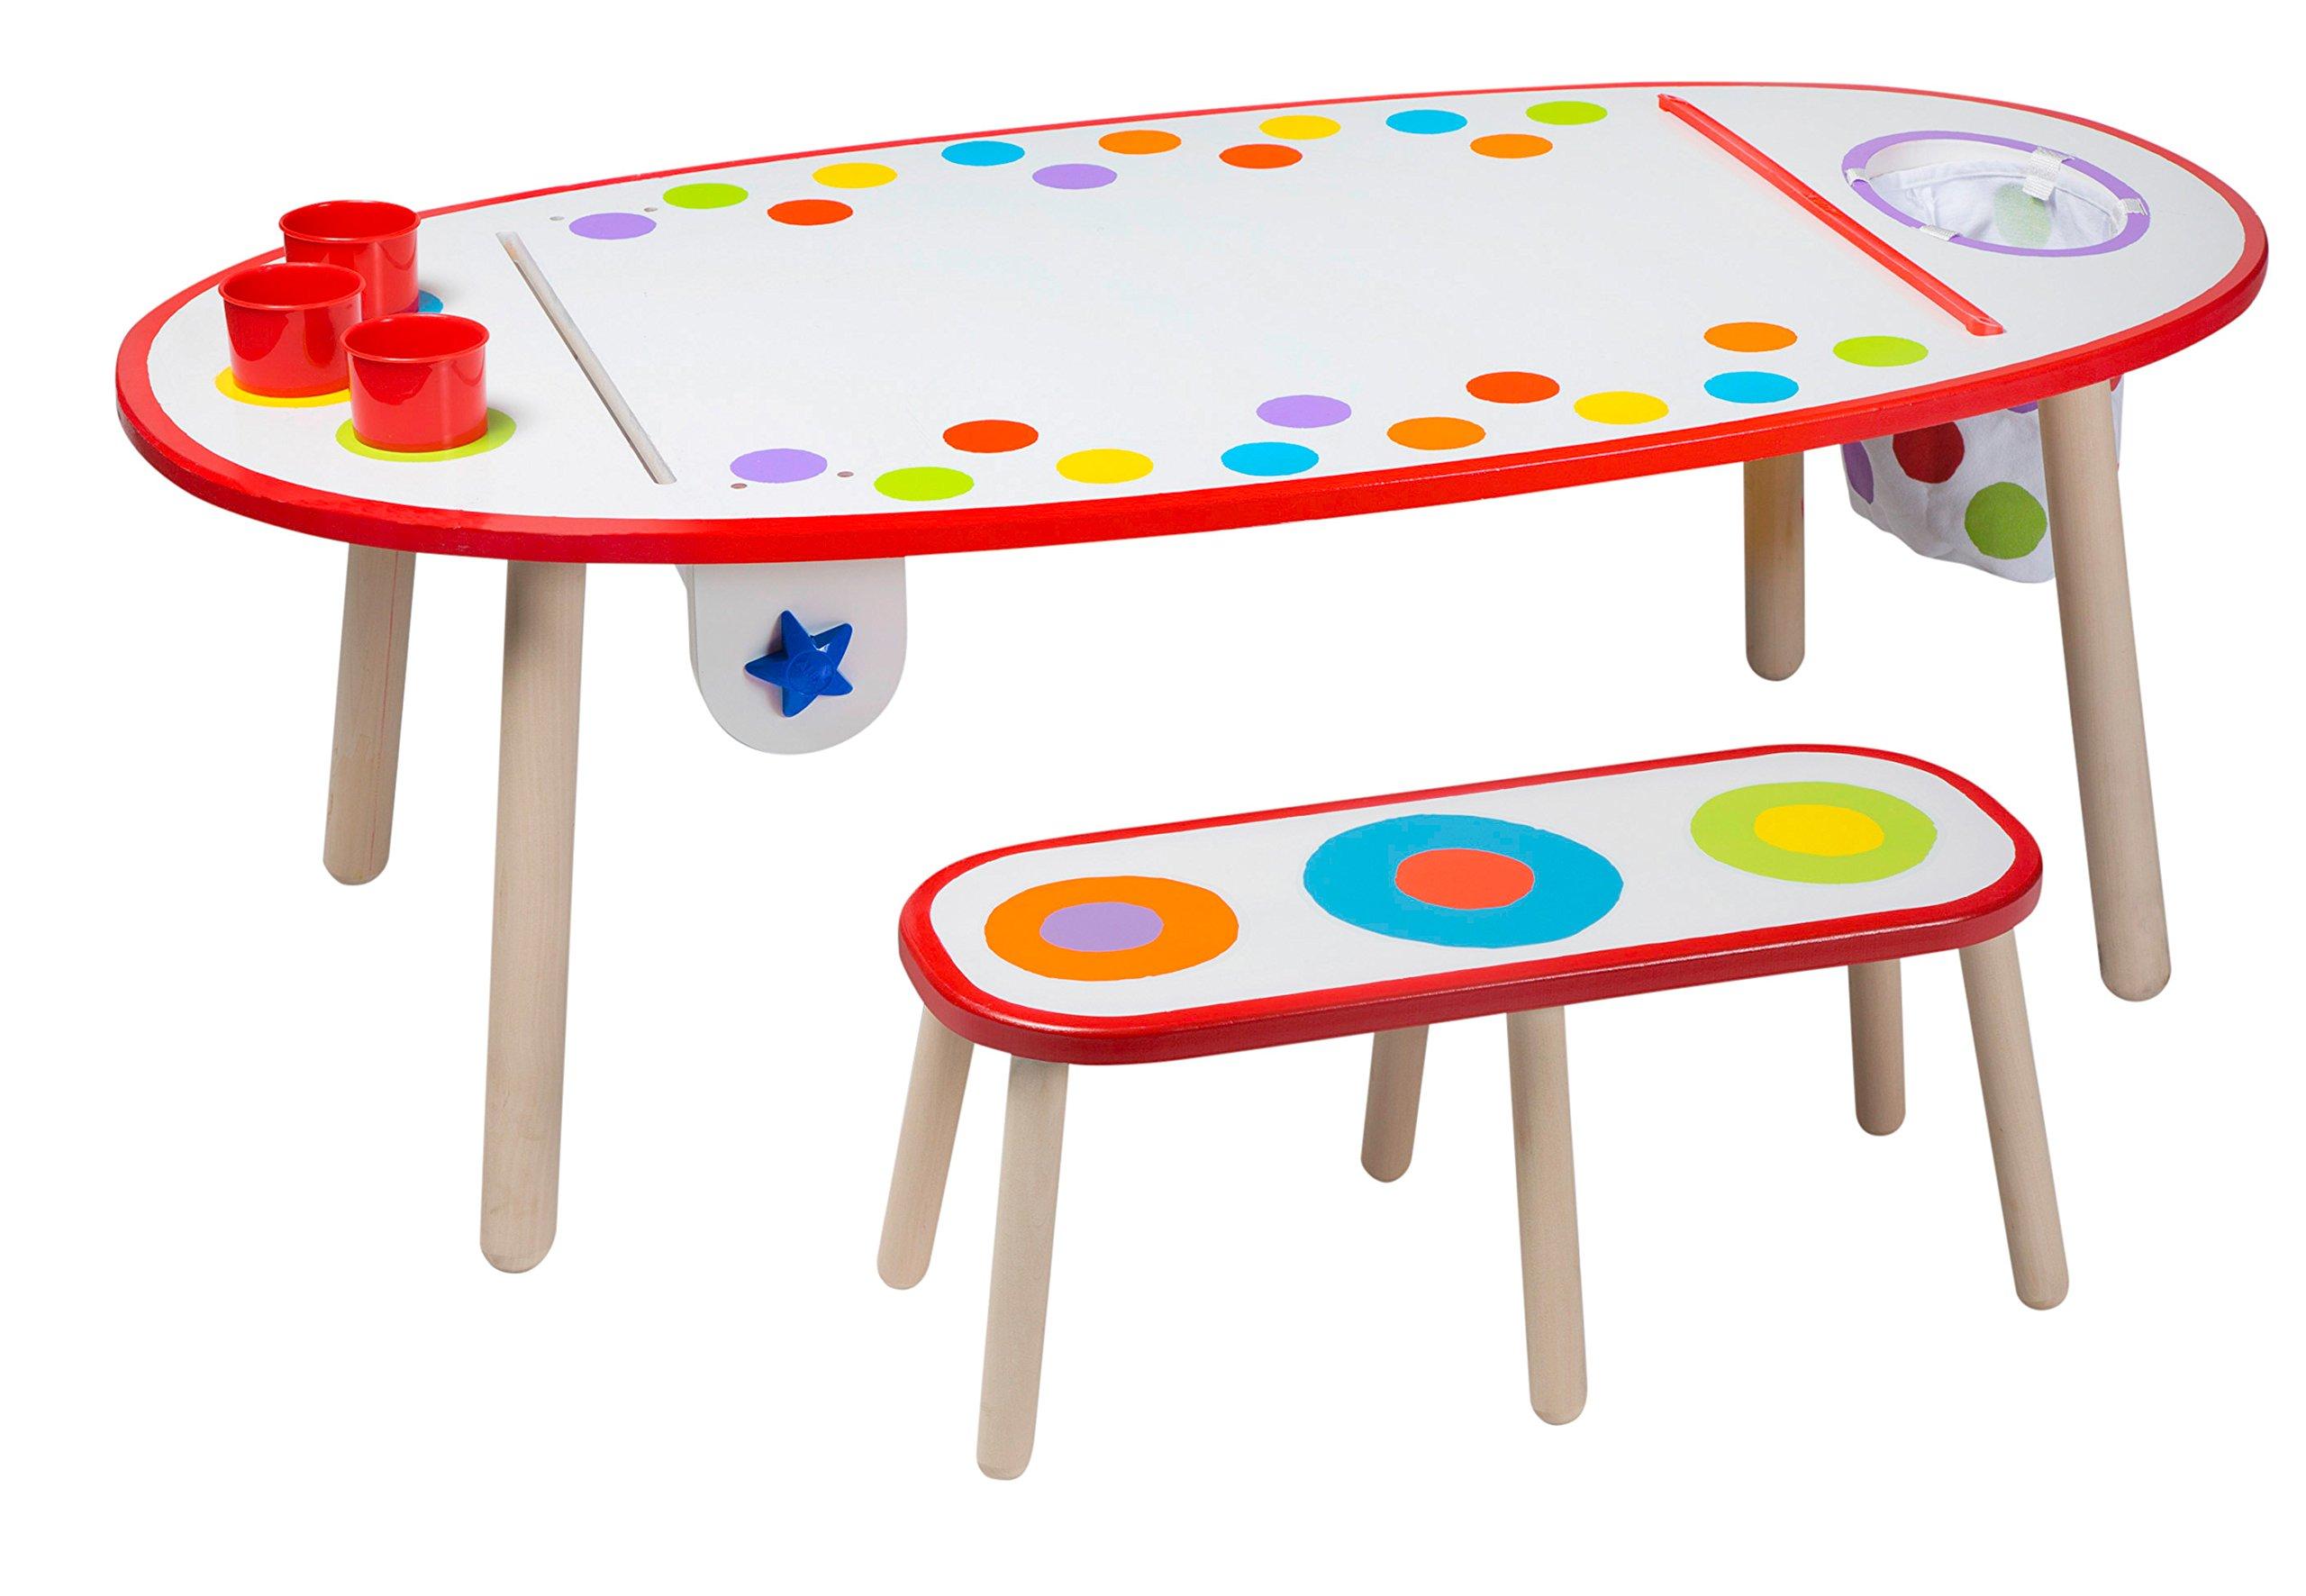 ALEX Toys Artist Studio Super Art Table Rainbow Dots by ALEX Toys